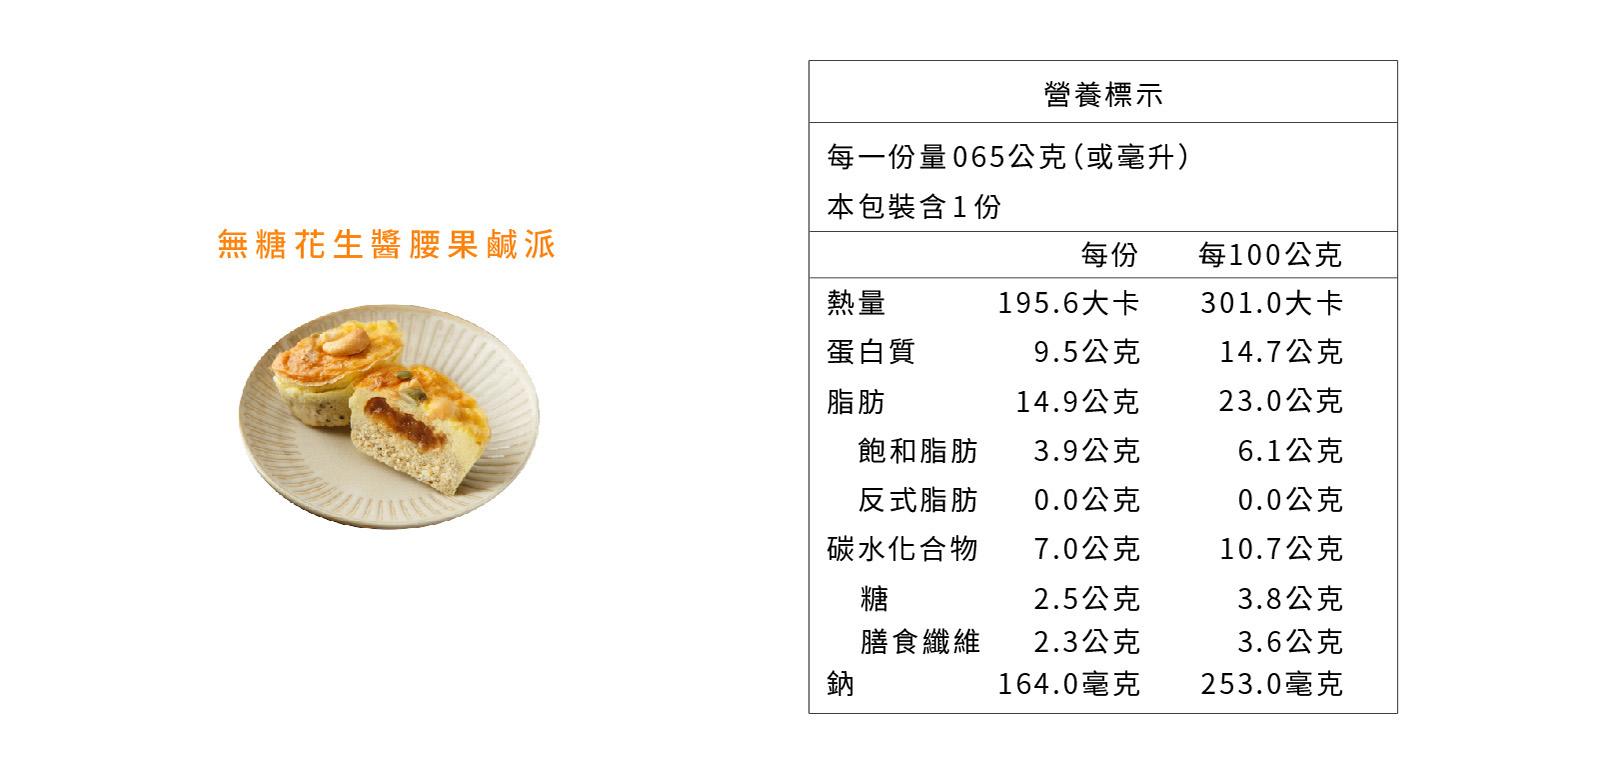 無糖花生醬腰果鹹派營養標示